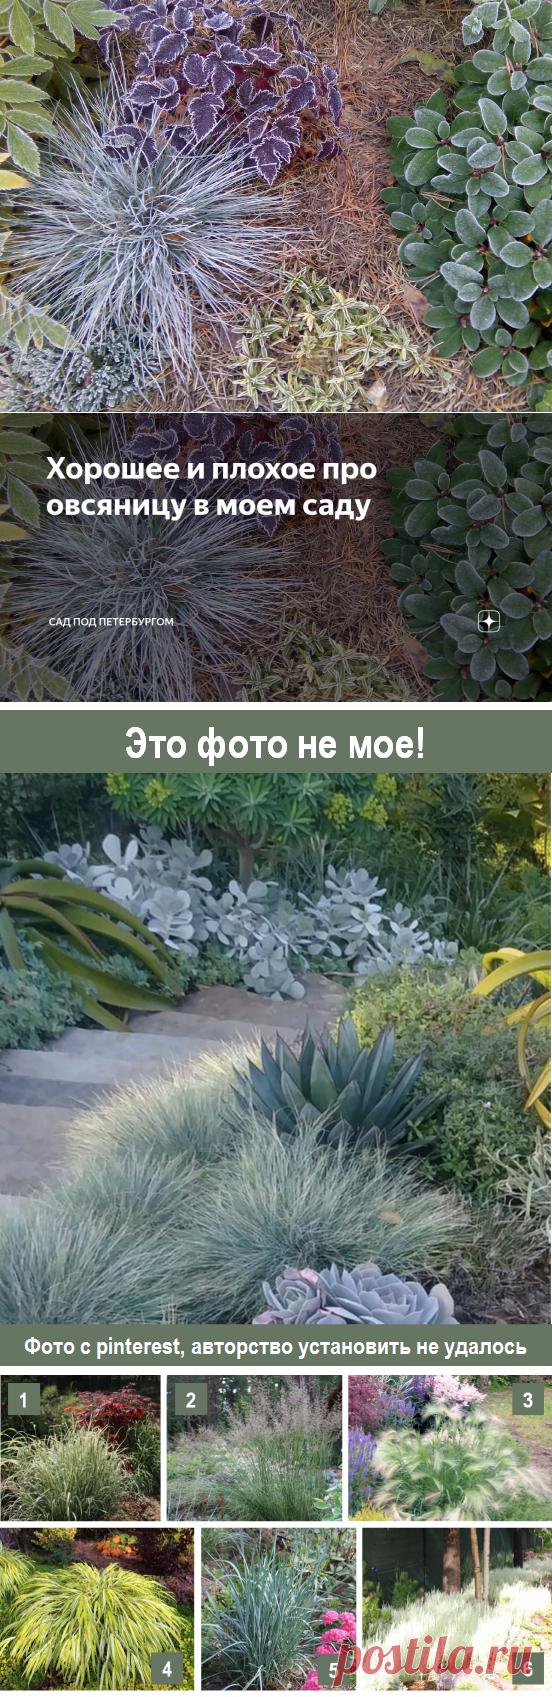 Хорошее и плохое про овсяницу в моем саду | Сад под Петербургом | Яндекс Дзен